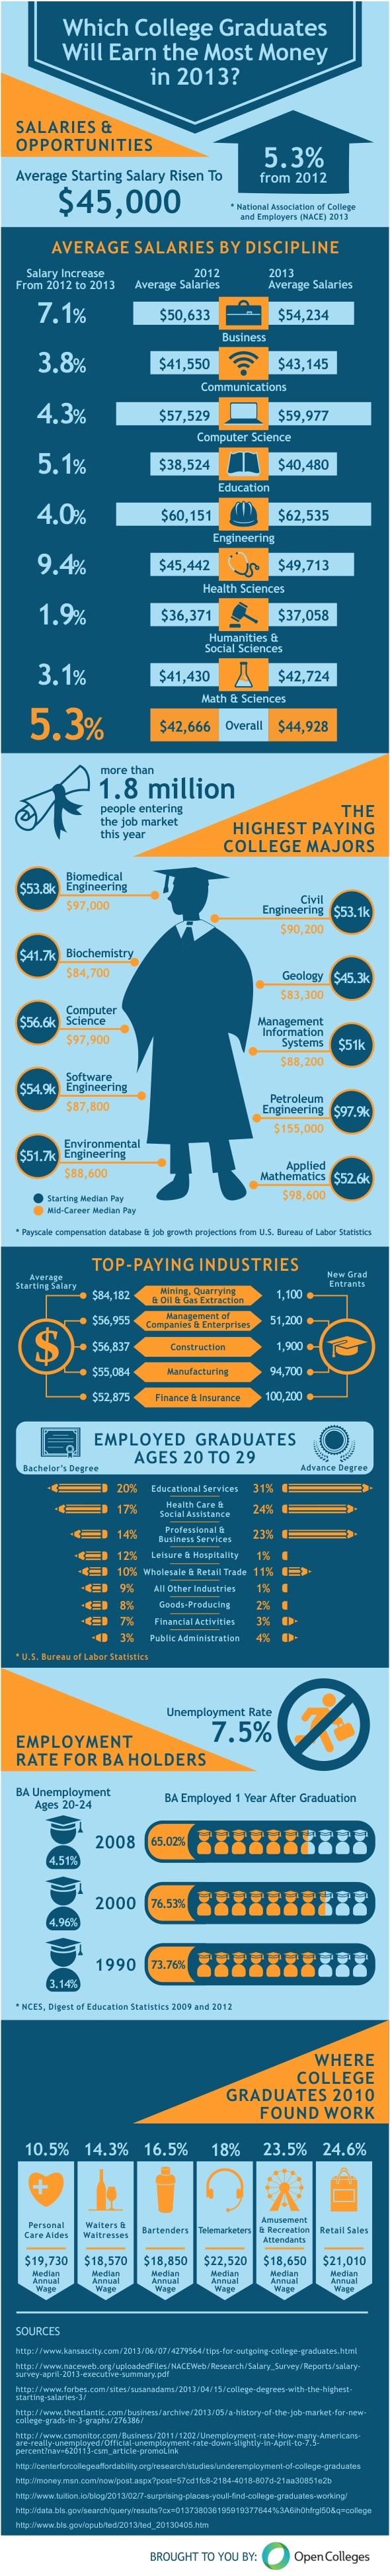 College Graduates 2013 infographic